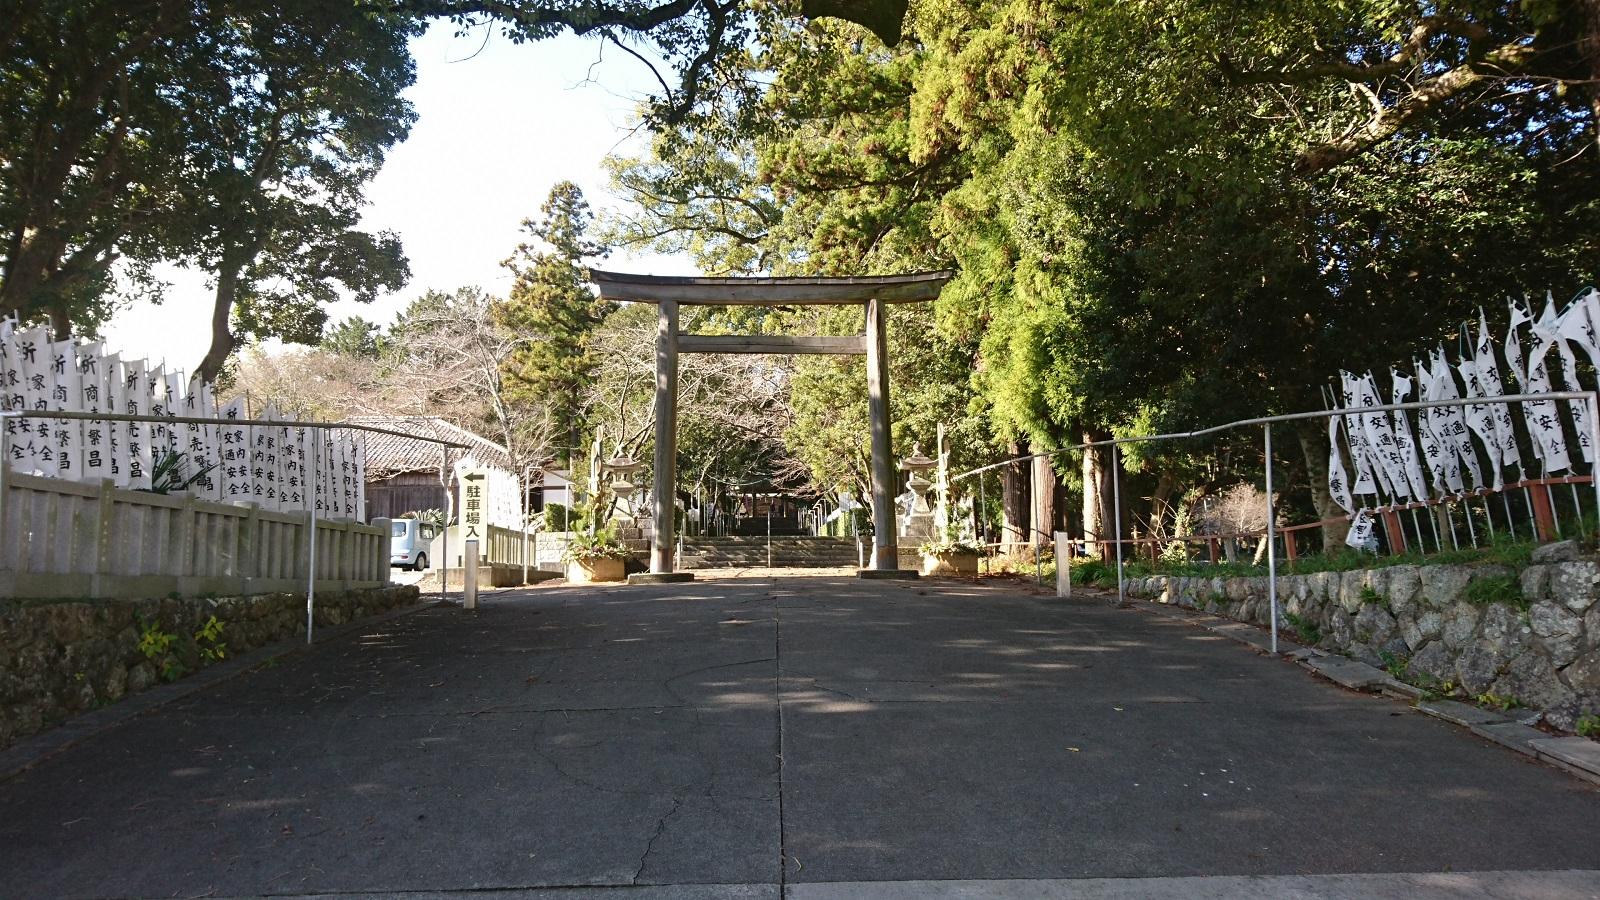 2016.12.23 井伊谷 (3) 井伊谷宮 - とりい 1600-900